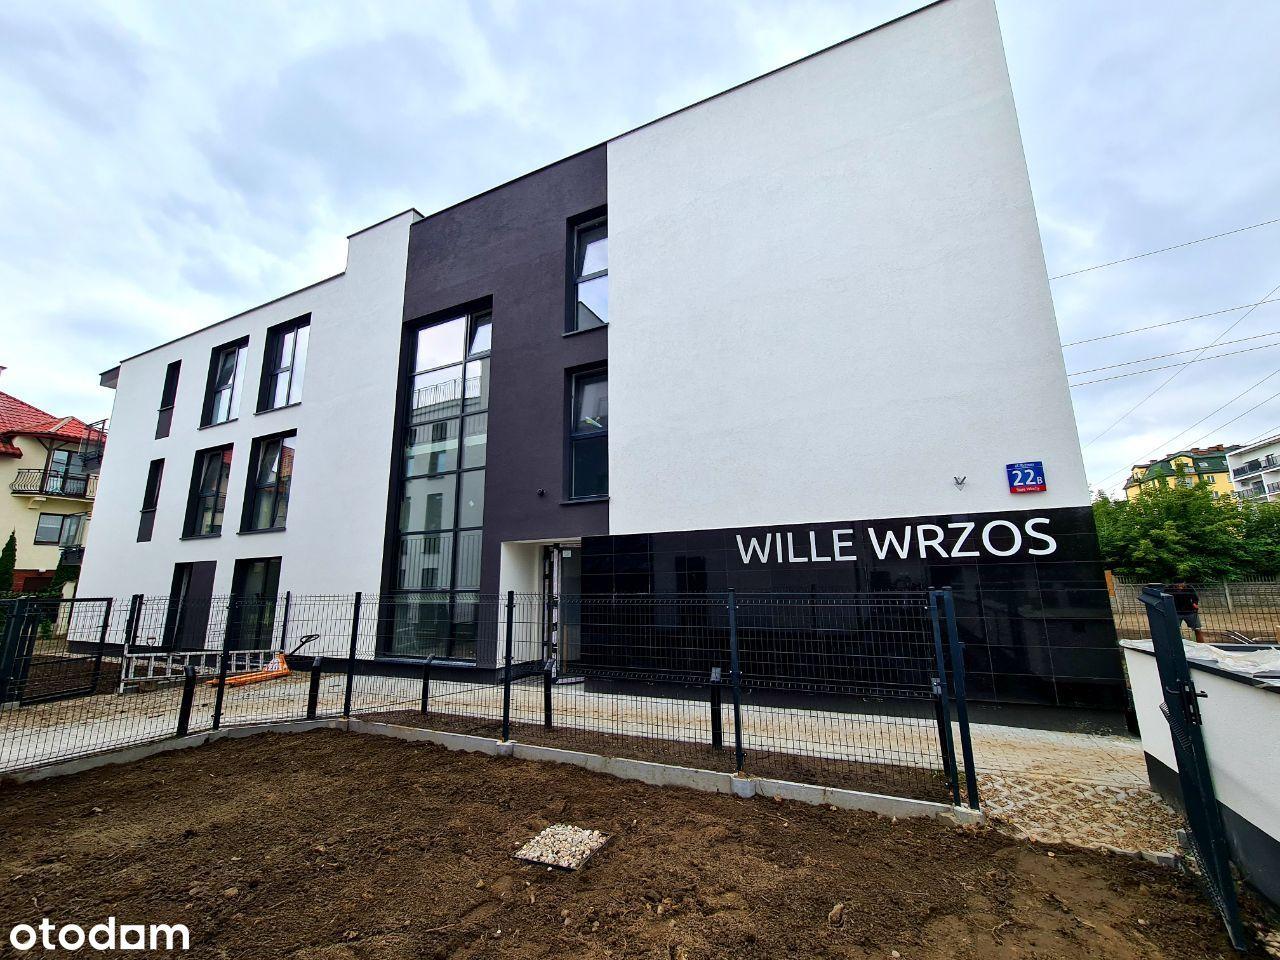 Wille Wrzos